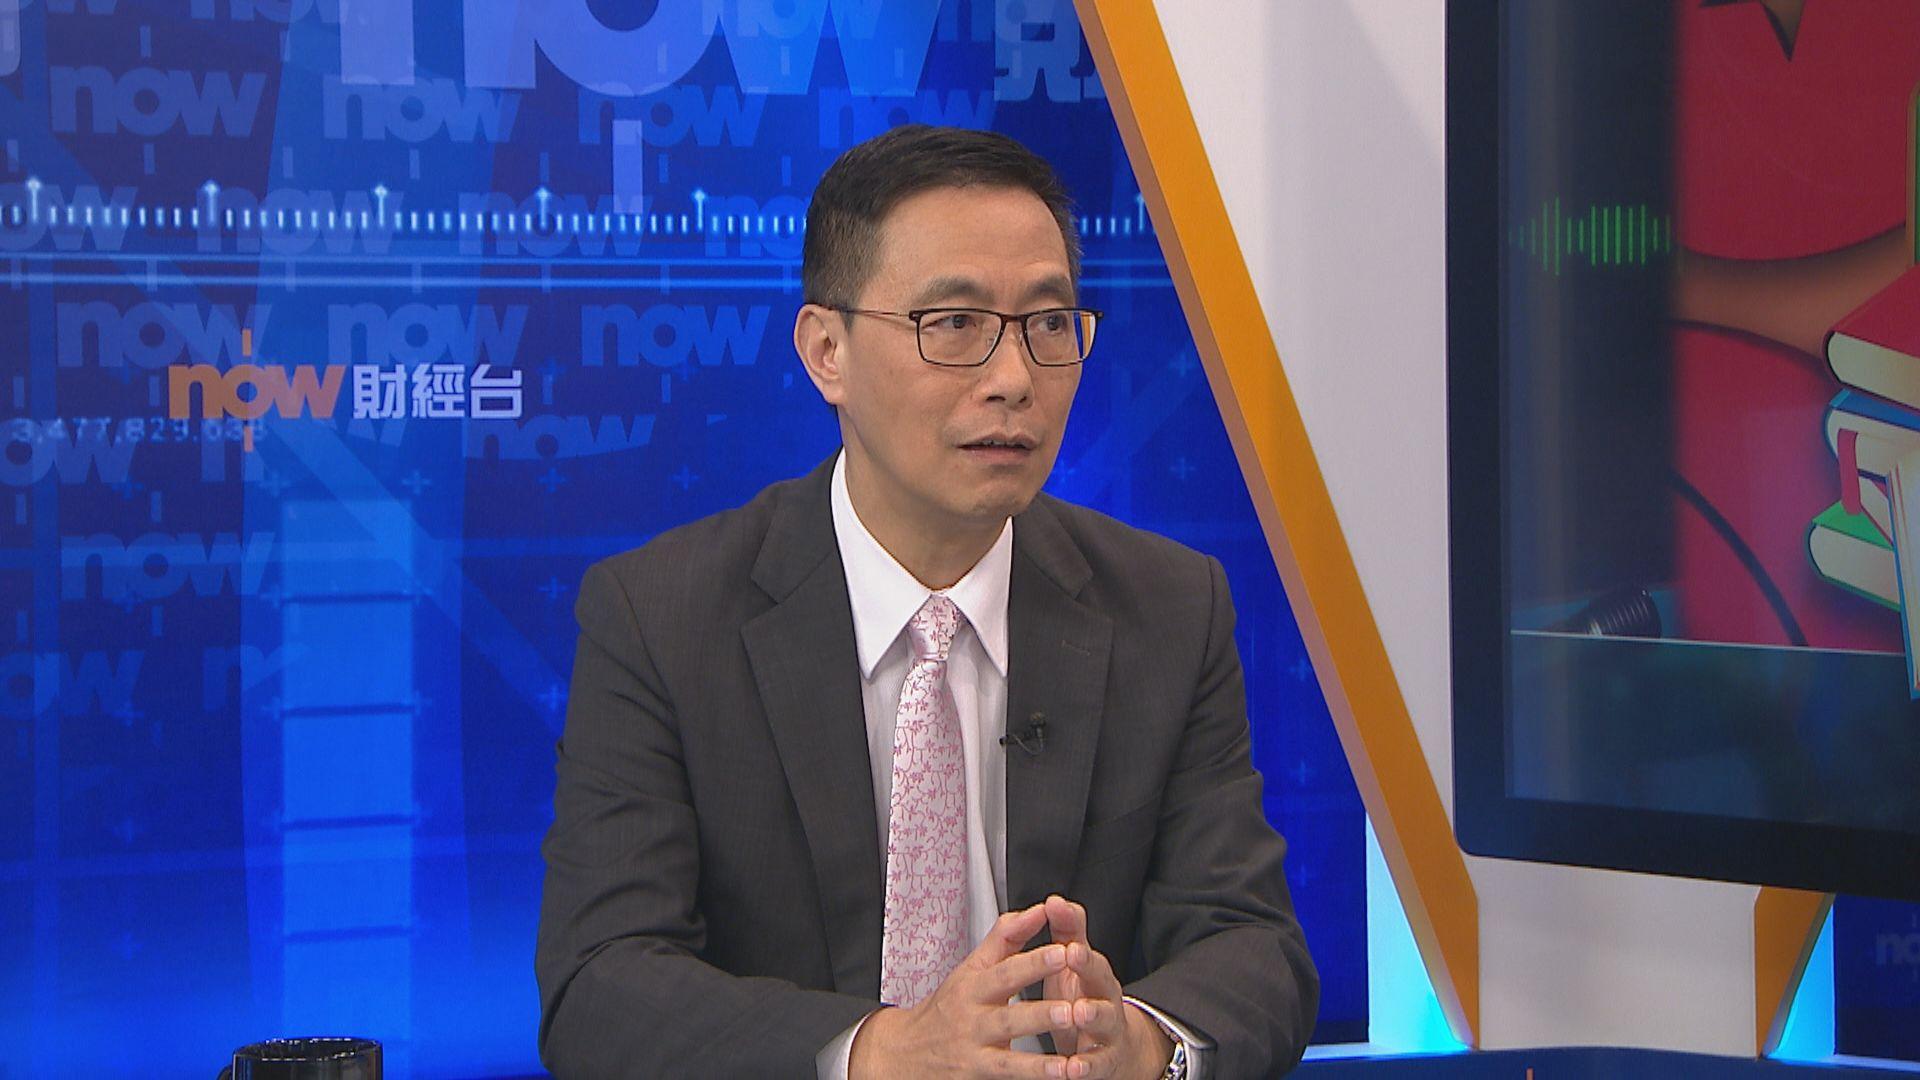 楊潤雄冀重建公眾對通識科的信心